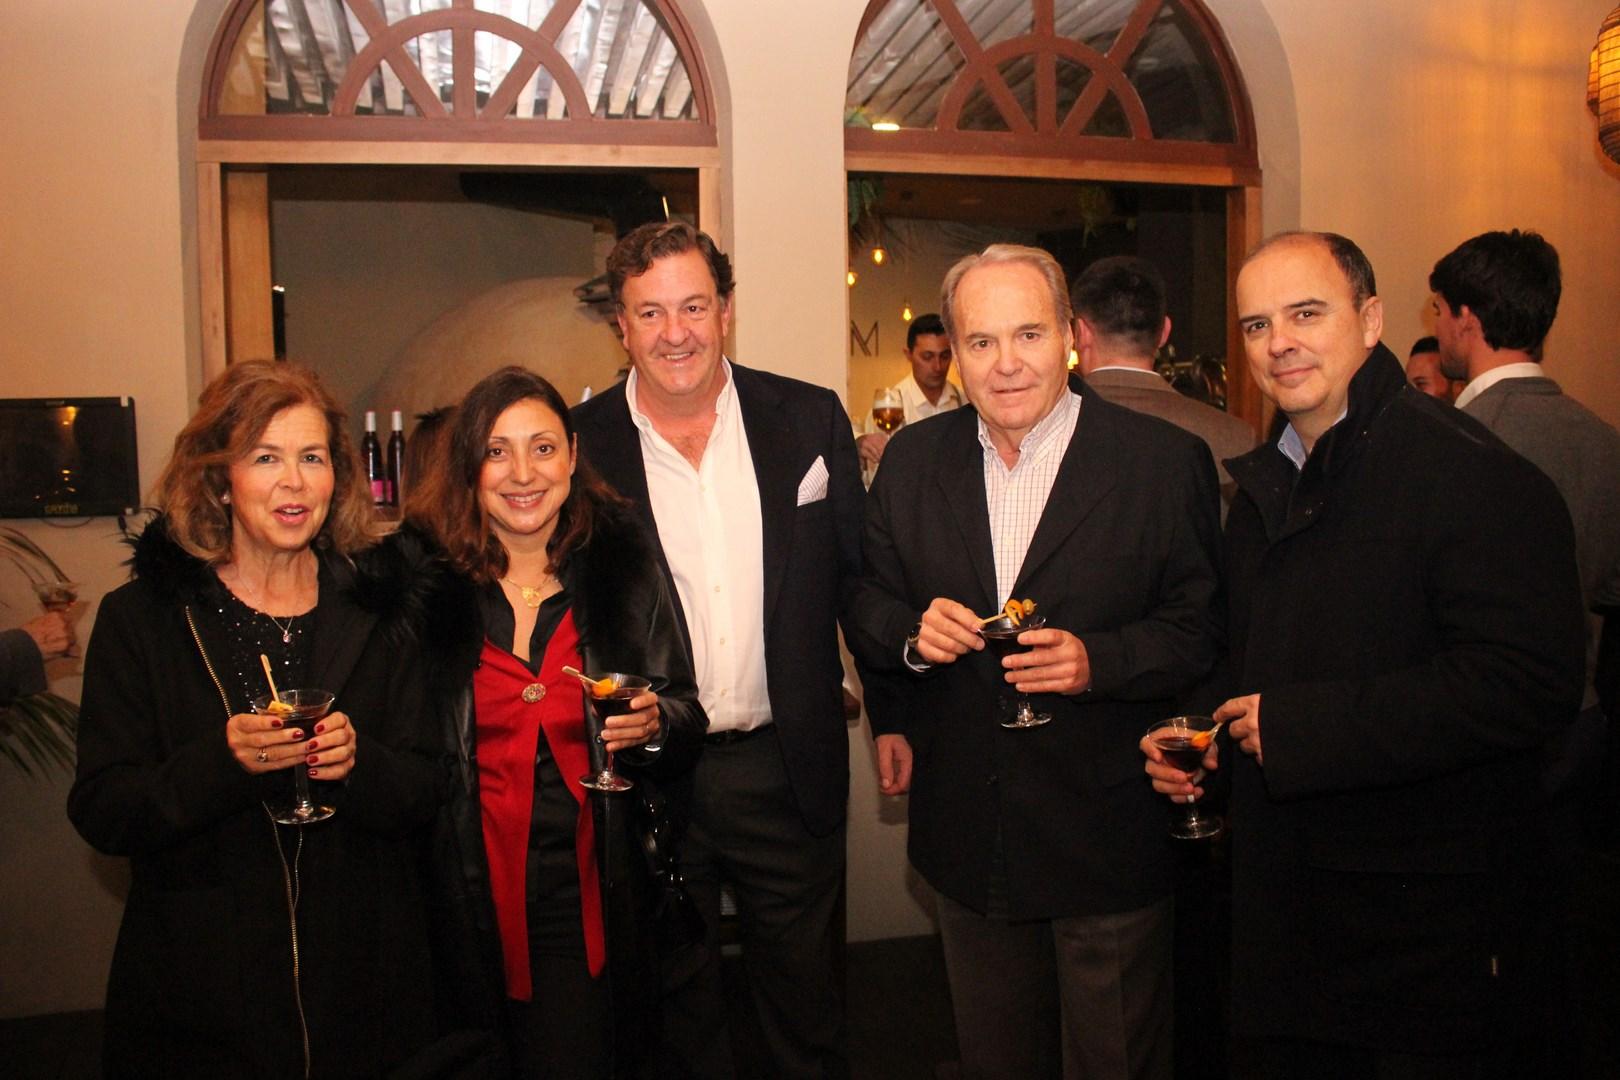 8 Mari Cruz Cánovas, Elisa Sanchez, Ramón Berzosa, Carlos Abascal y Fernando Urdiales